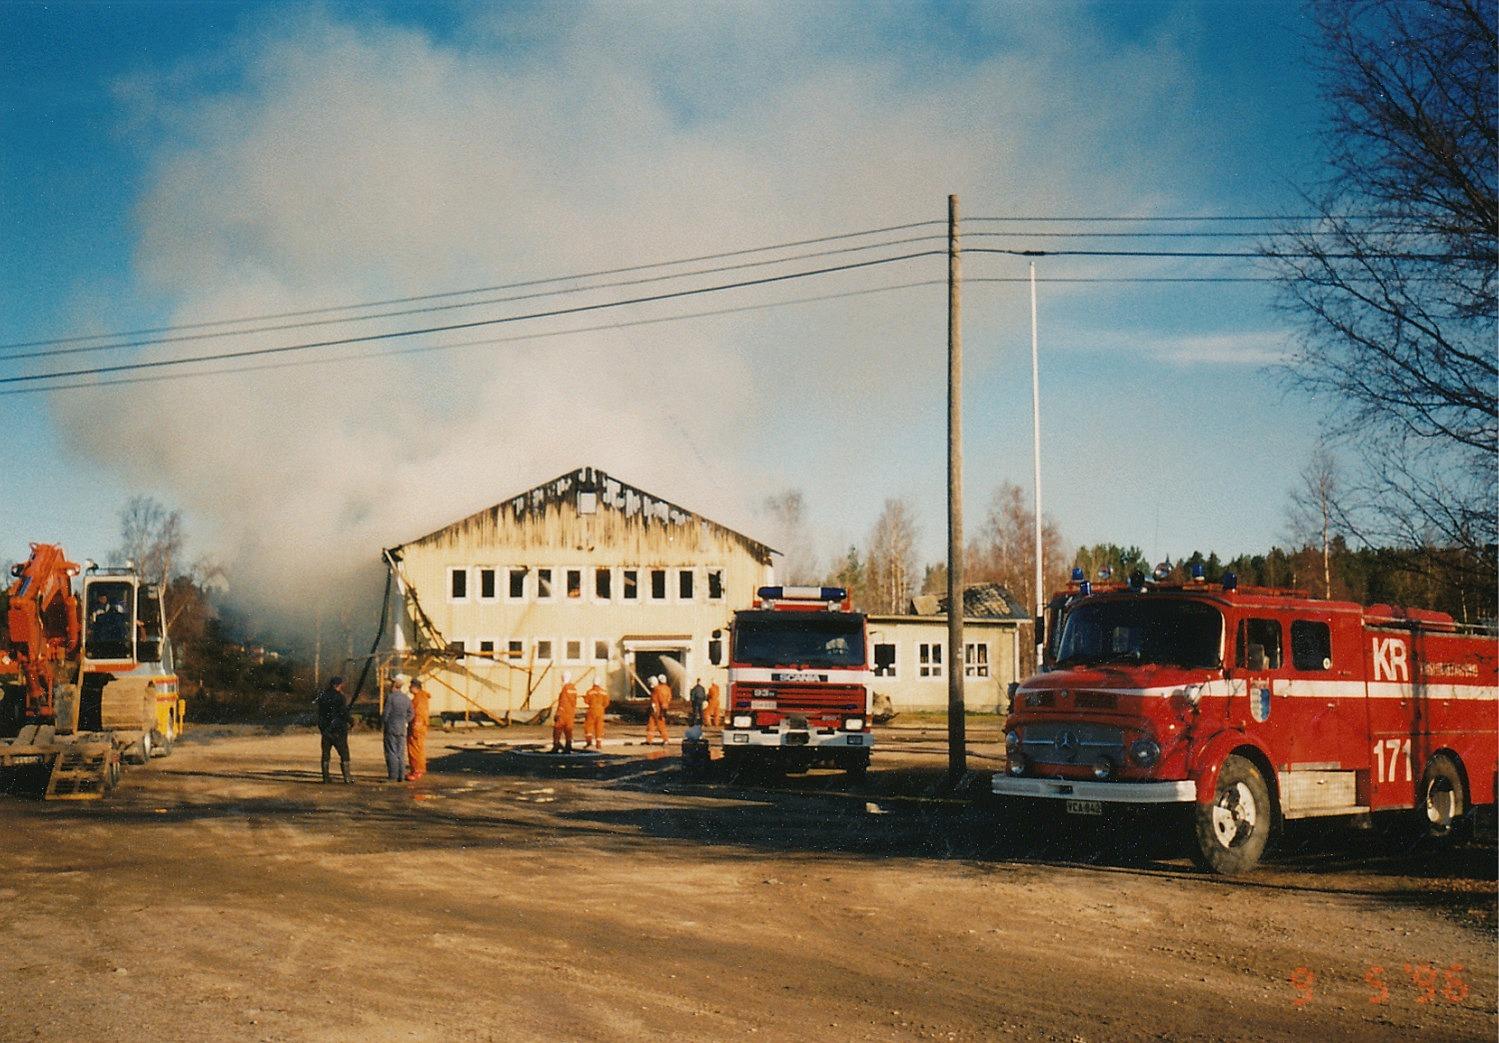 Tidigt på förmiddagen fanns det endast rykande ytterväggar kvar och för att komma åt brandhärdarna användes grävmaskin.